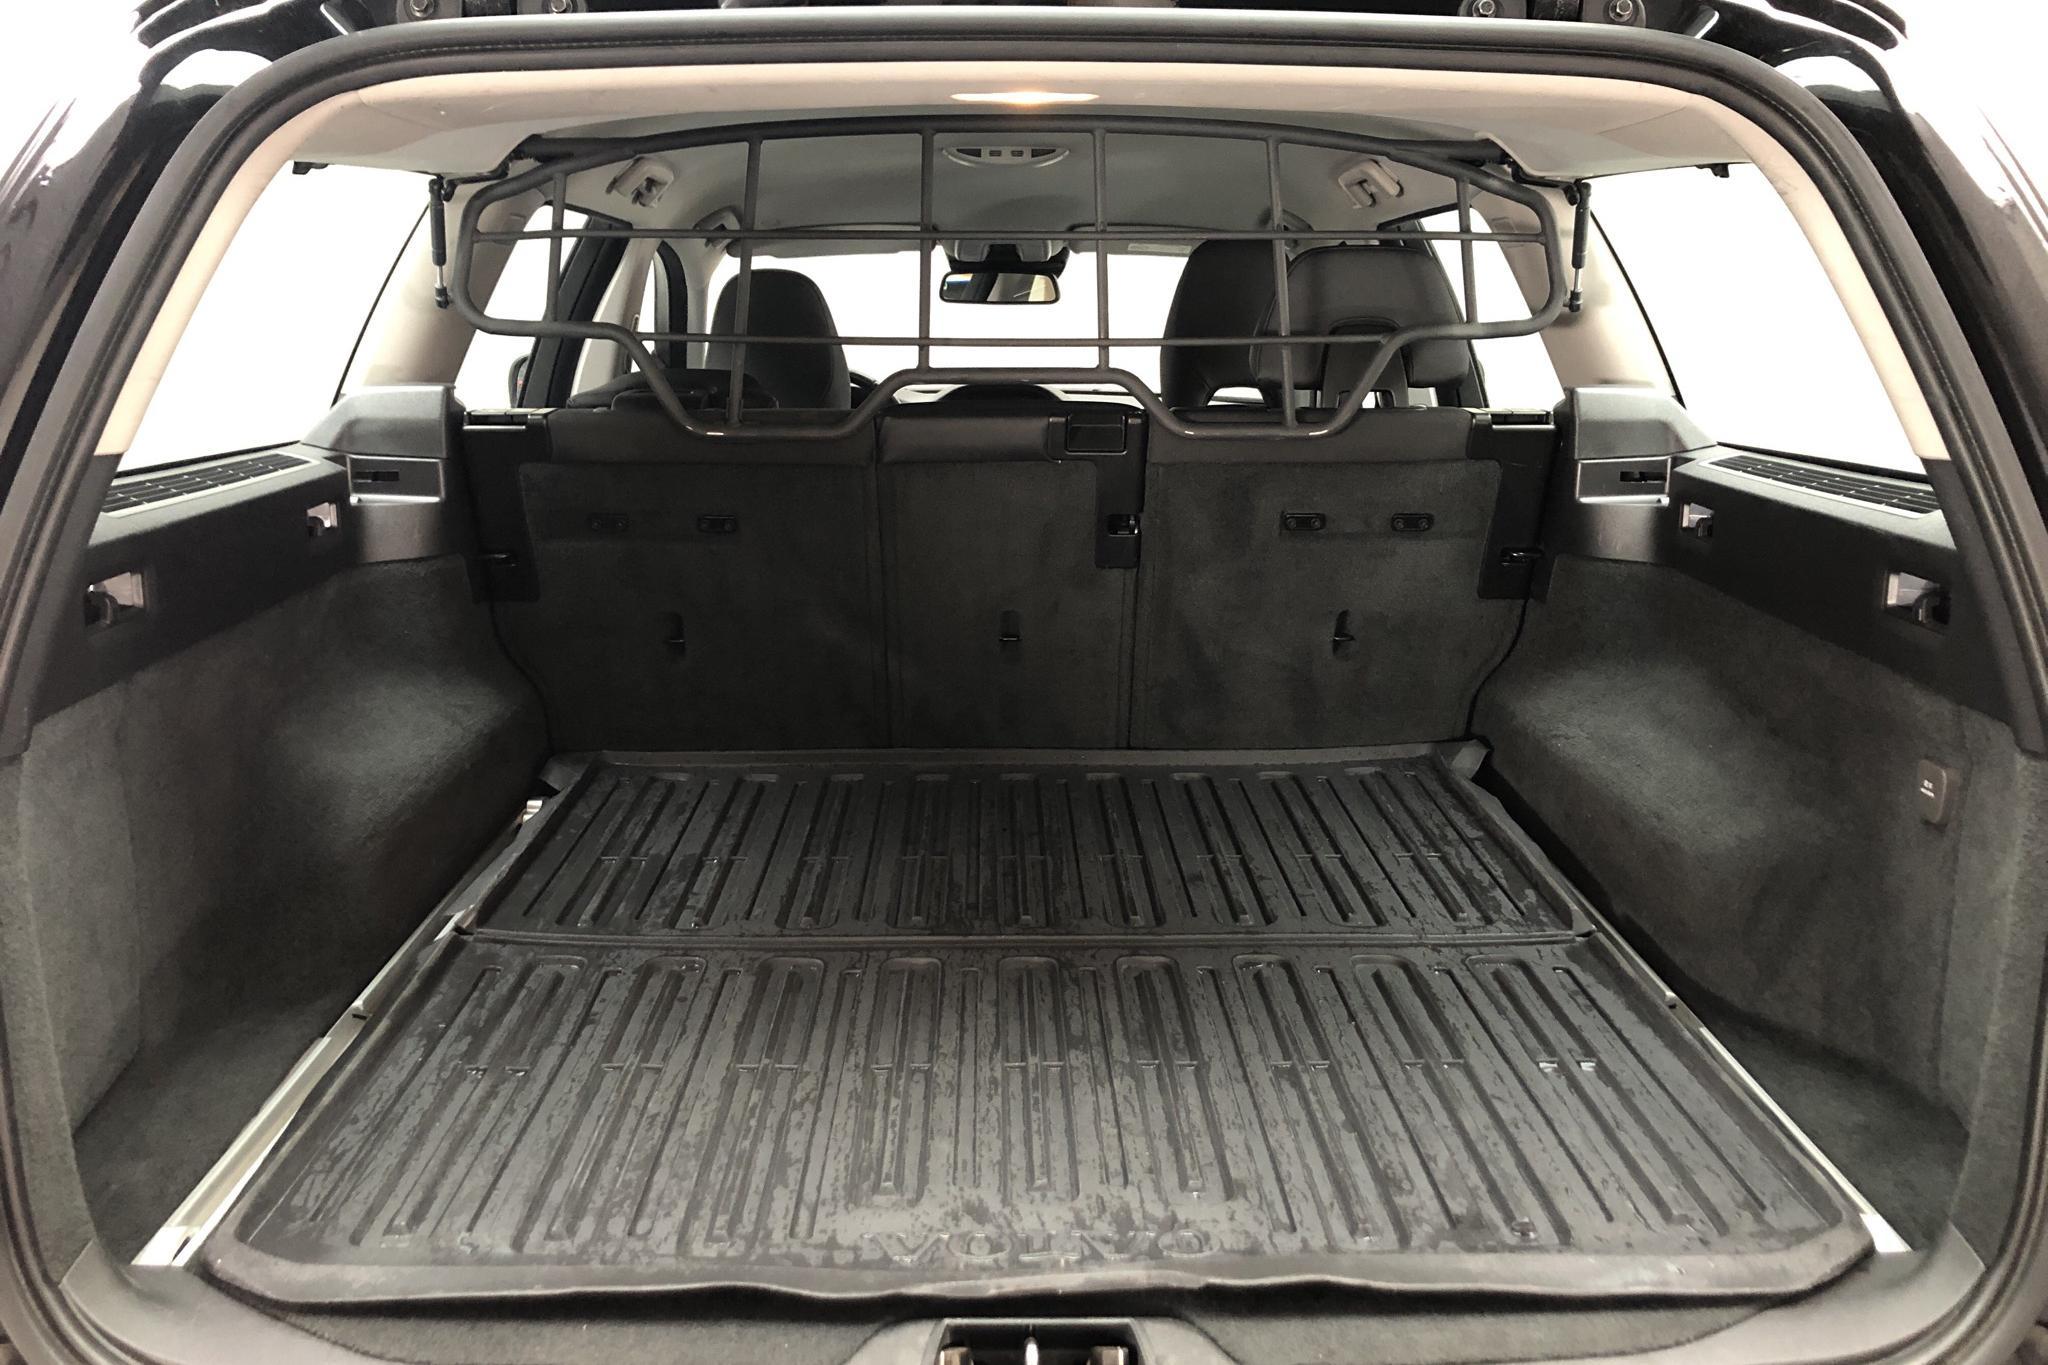 Volvo XC70 II D4 AWD (181hk) - 11 381 mil - Manuell - svart - 2016